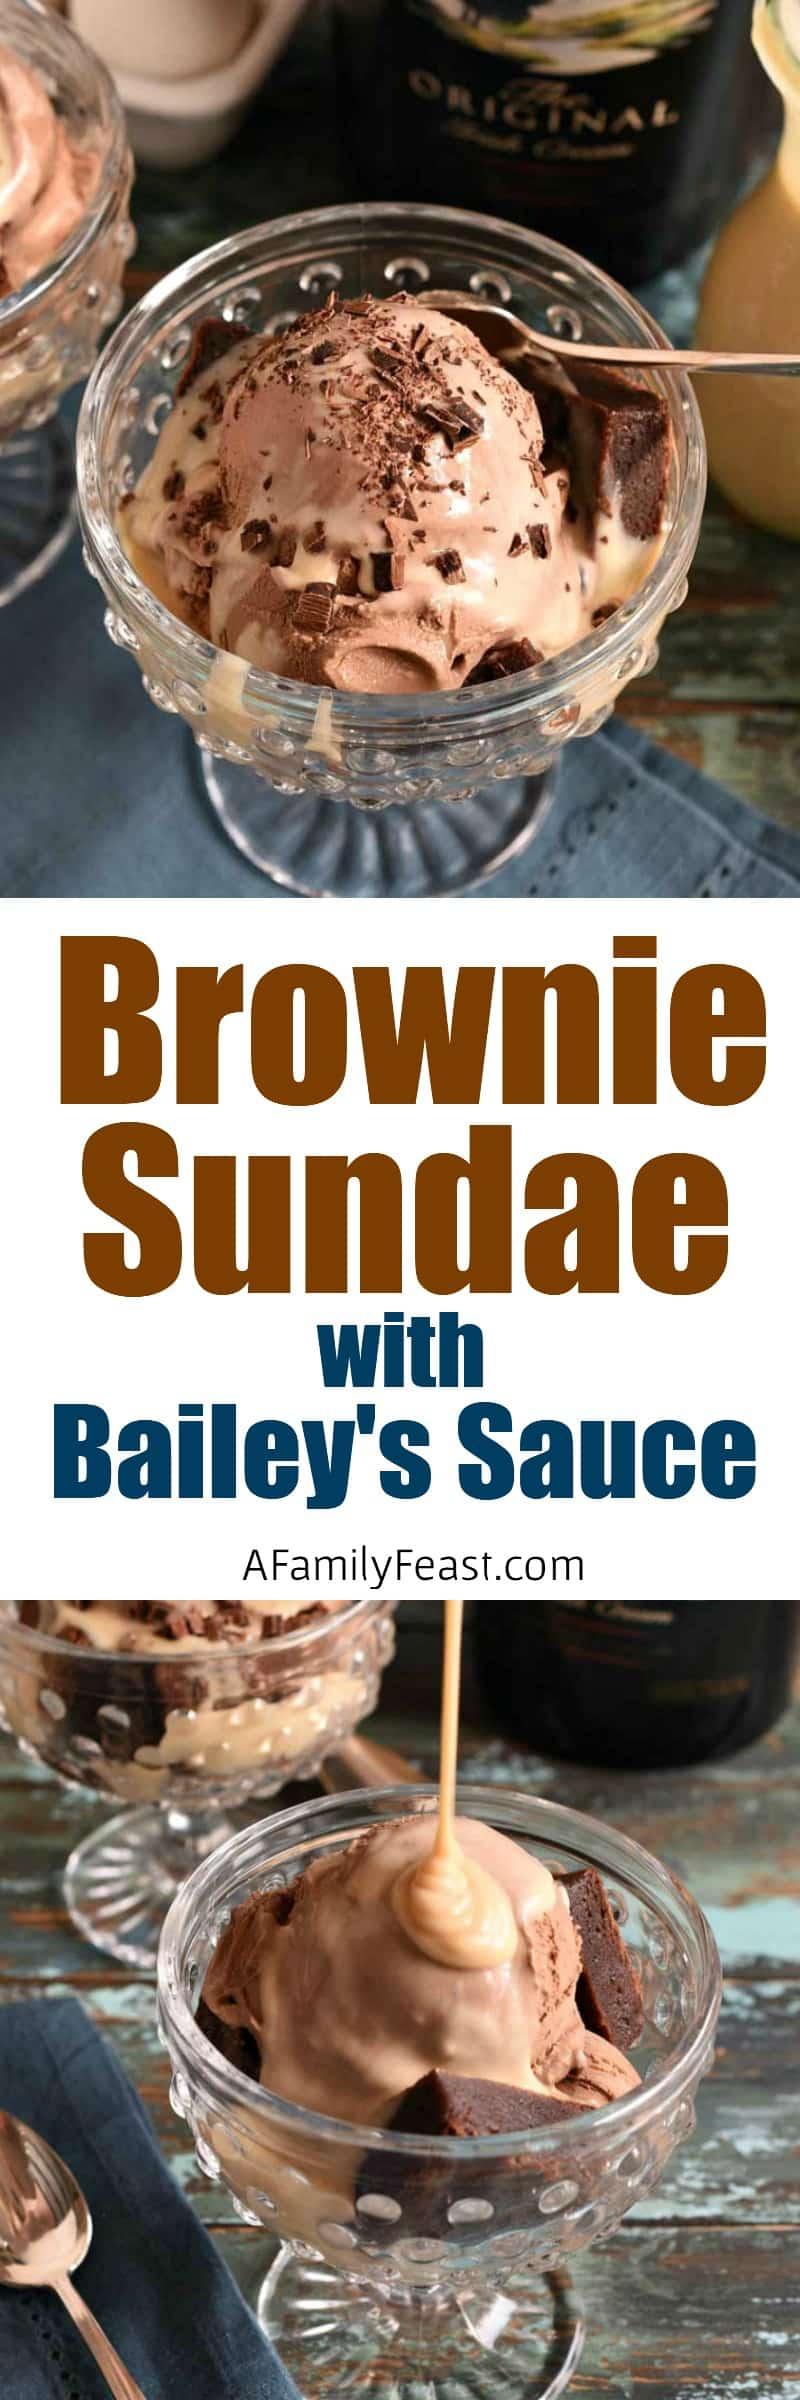 Brownie Sundae with Bailey's Sauce